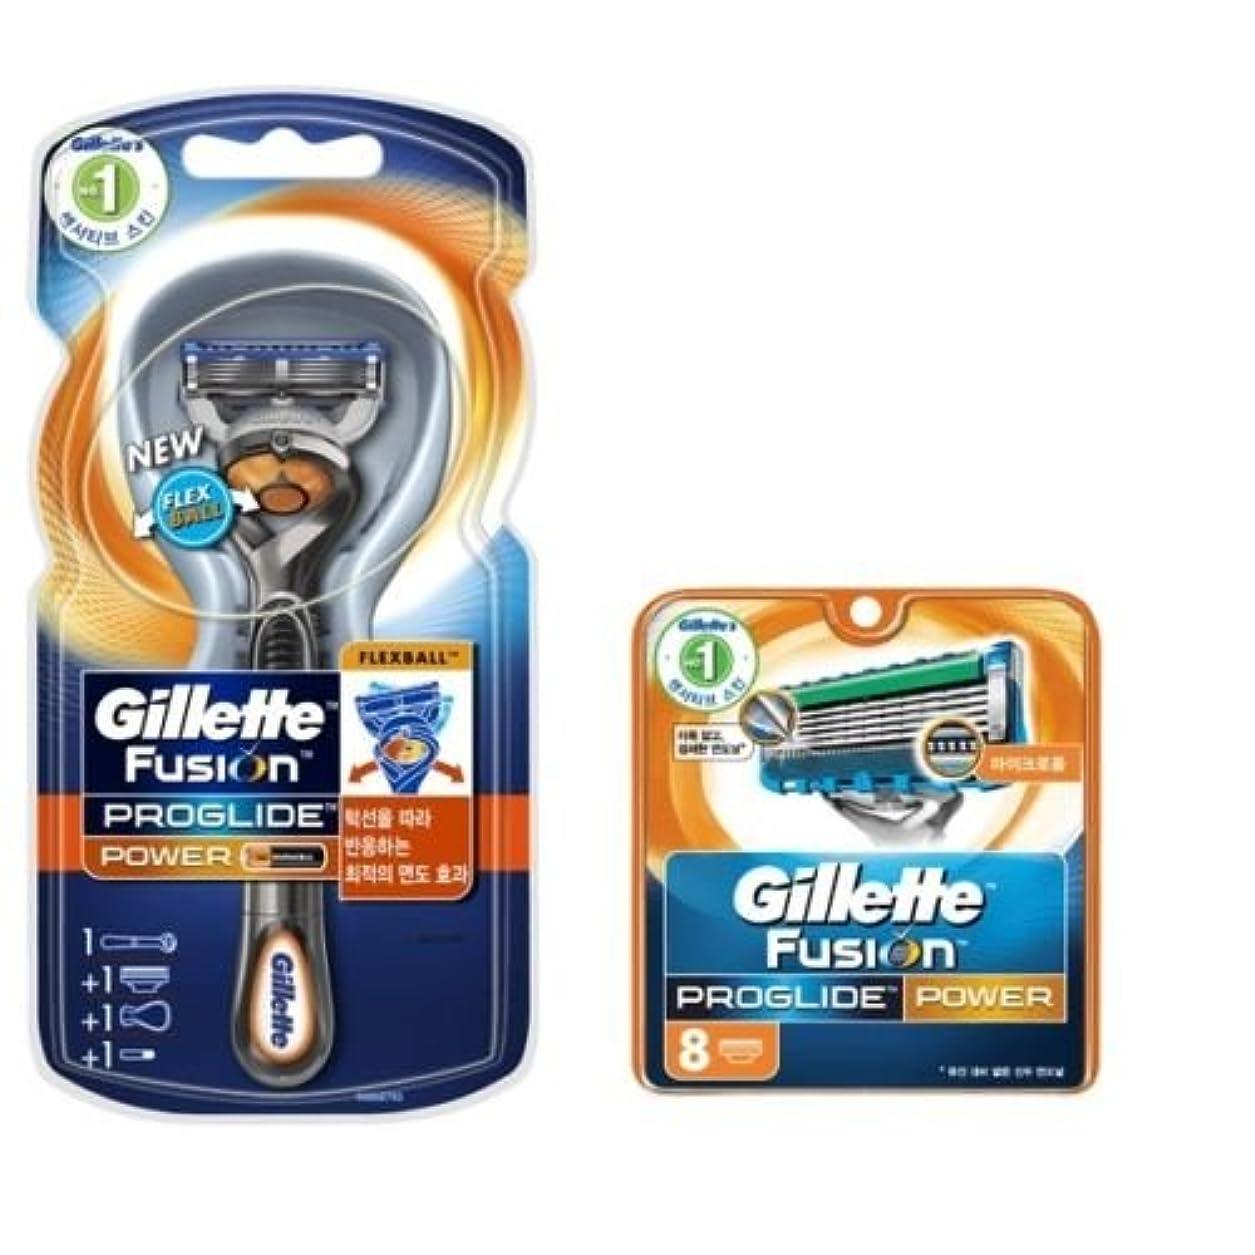 仲良し彫刻ビジョンGillette Fusion Proglide Flexball Power Men's 1 剃刀 9 かみそりの刃 [並行輸入品]